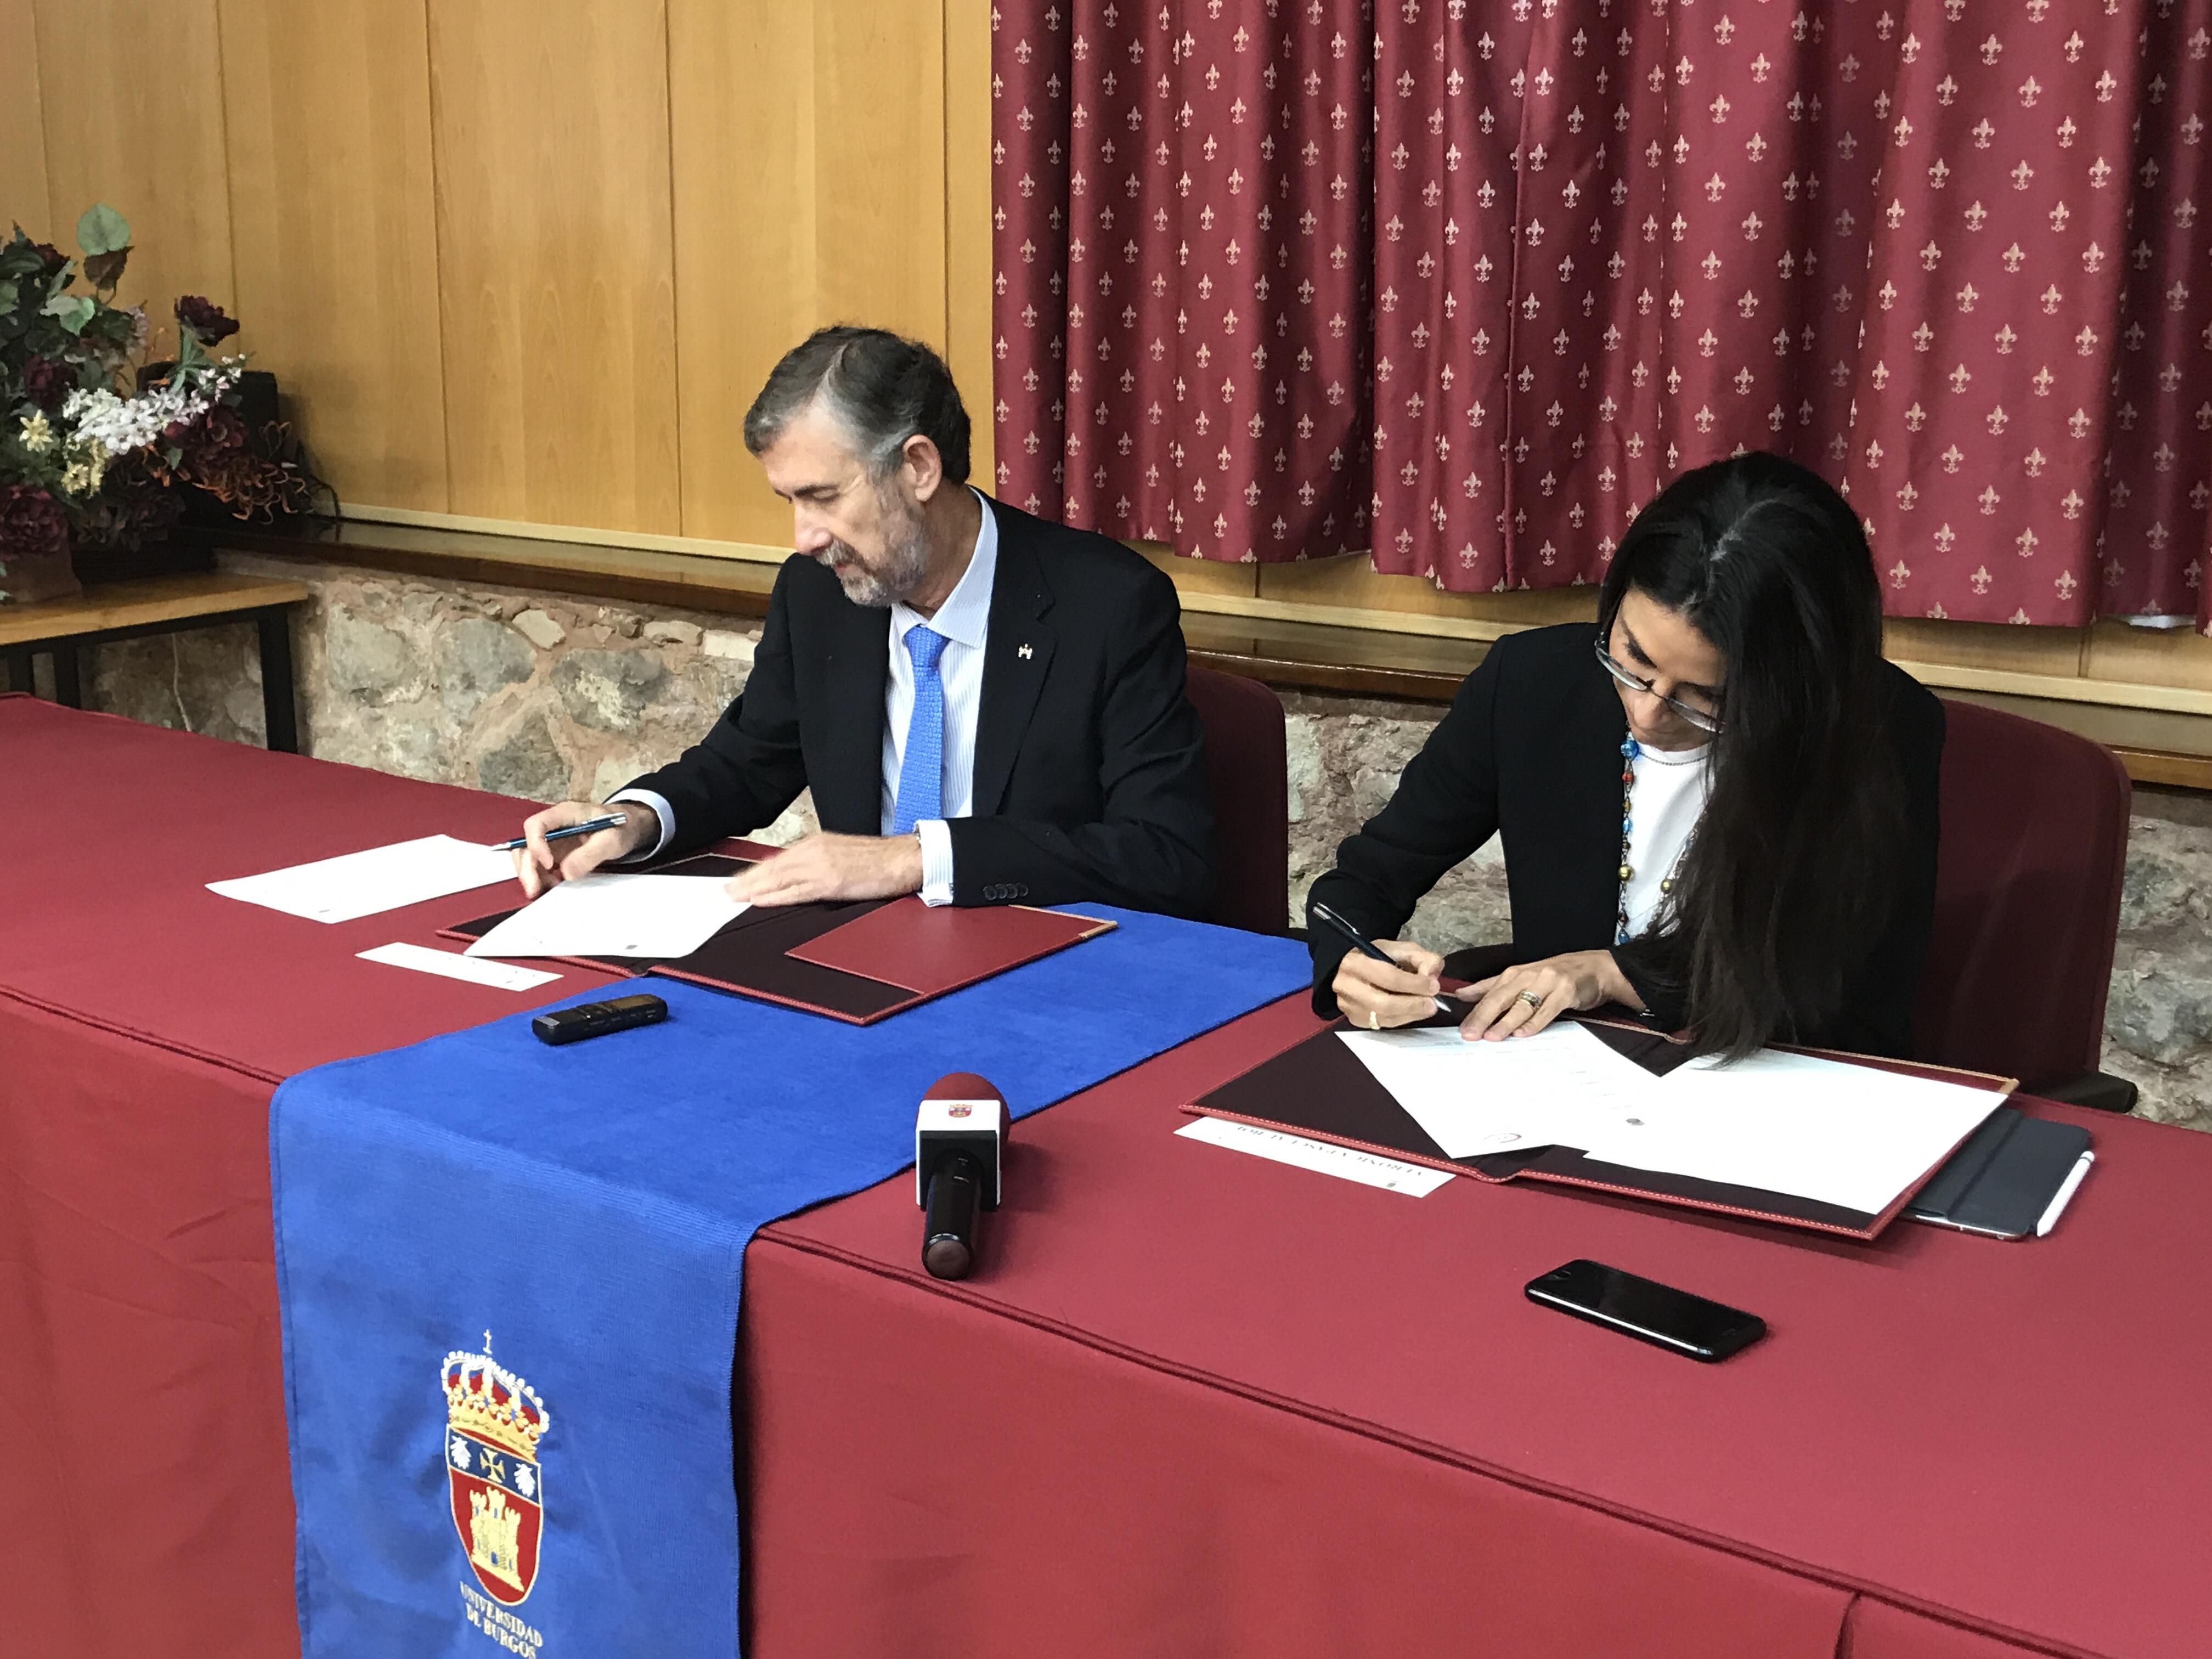 ASTI Technologies Group y la Universidad de Burgos firman un convenio de colaboración para el fomento y desarrollo del talento